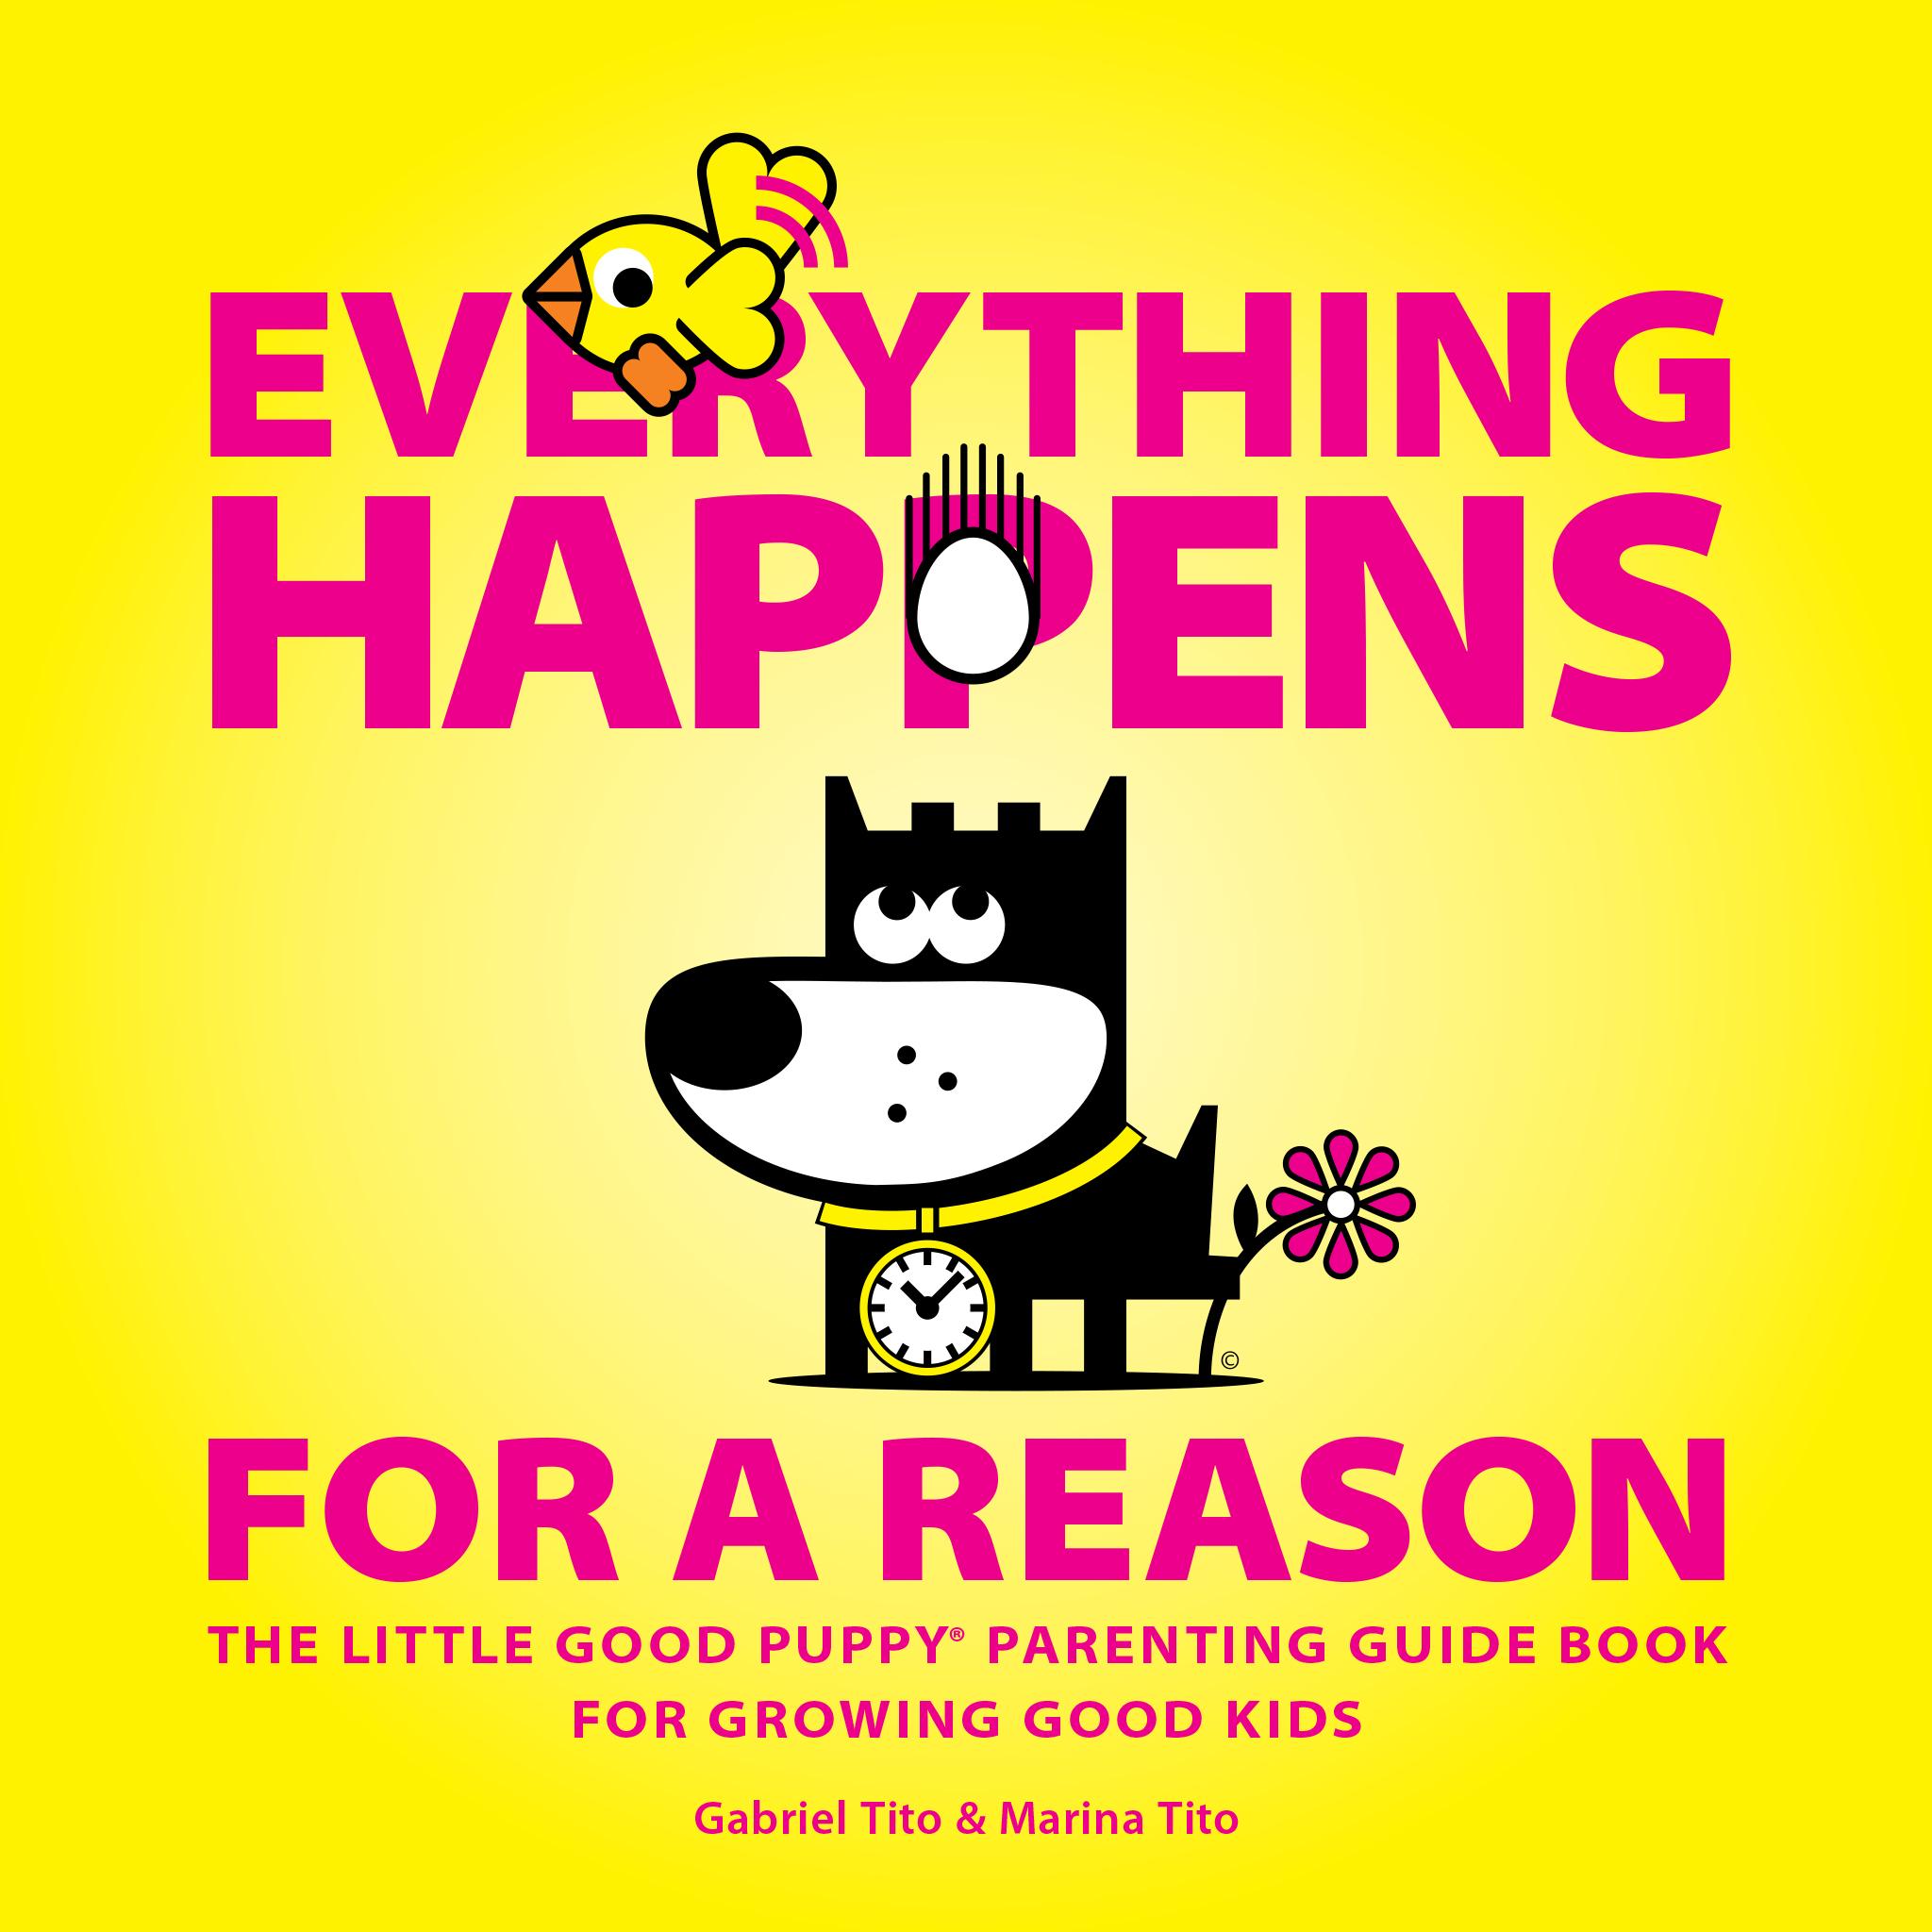 EverythingHappensForAReason_ISBN_978-1-940692-41-8_Ingram.jpg